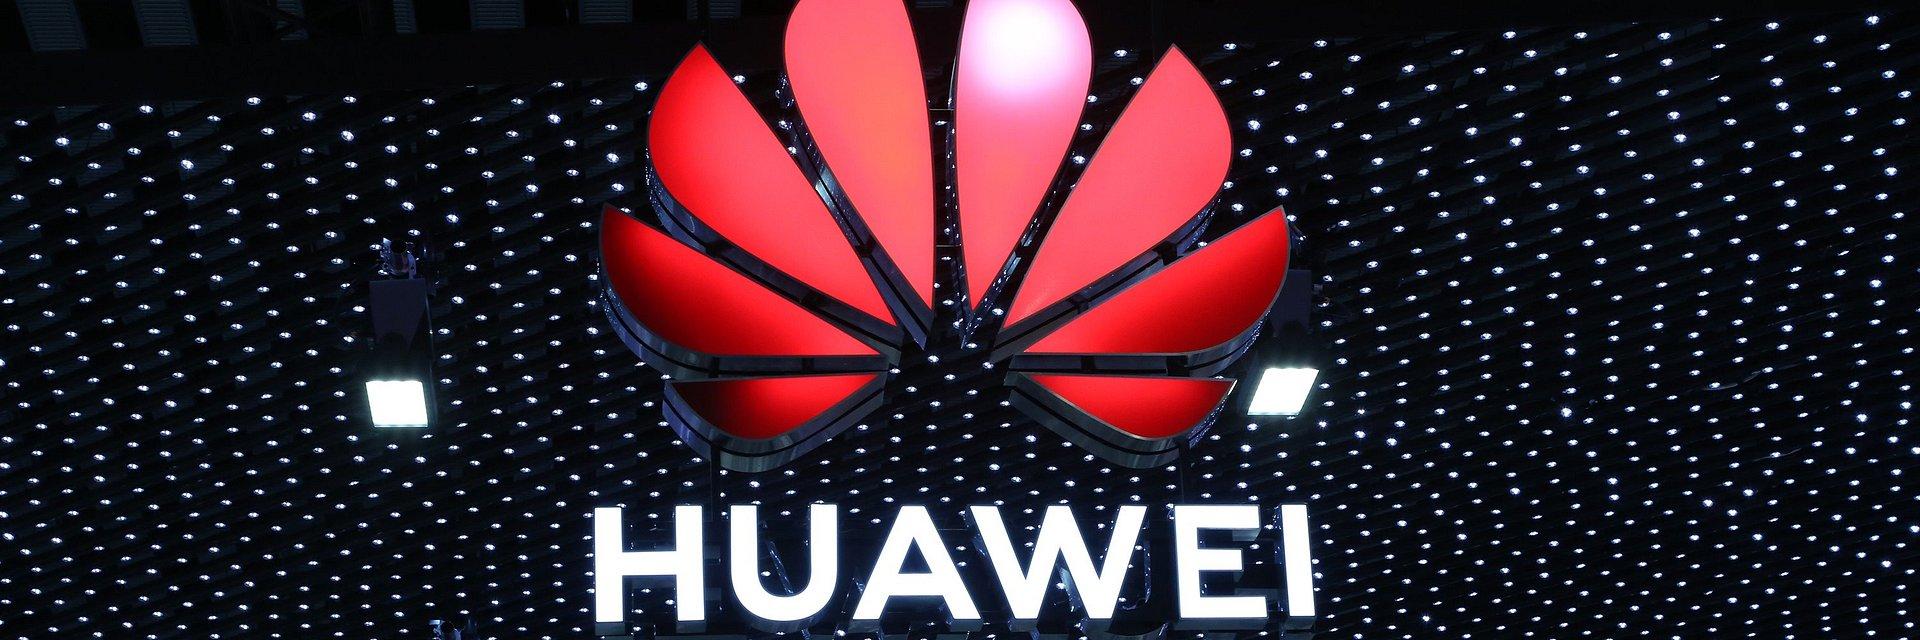 Oświadczenie firmy Huawei po artykule The Wall Street Journal